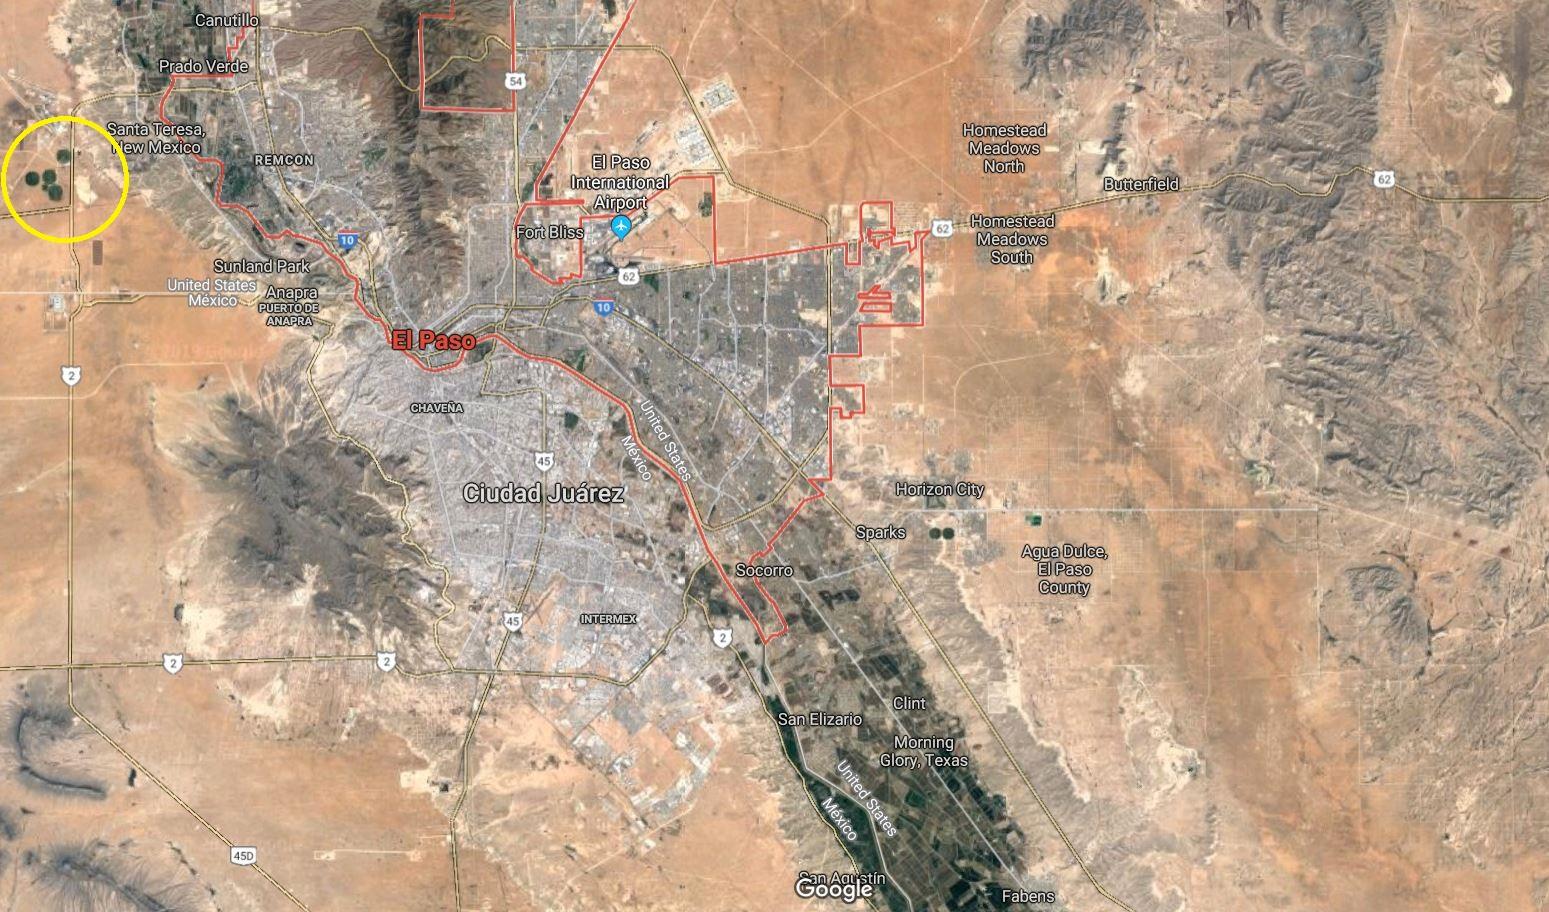 Annoter une carte pour mettre en évidence l'occupation du sol à la frontière USA/Mexique (El Paso/Ciudad Juarez))